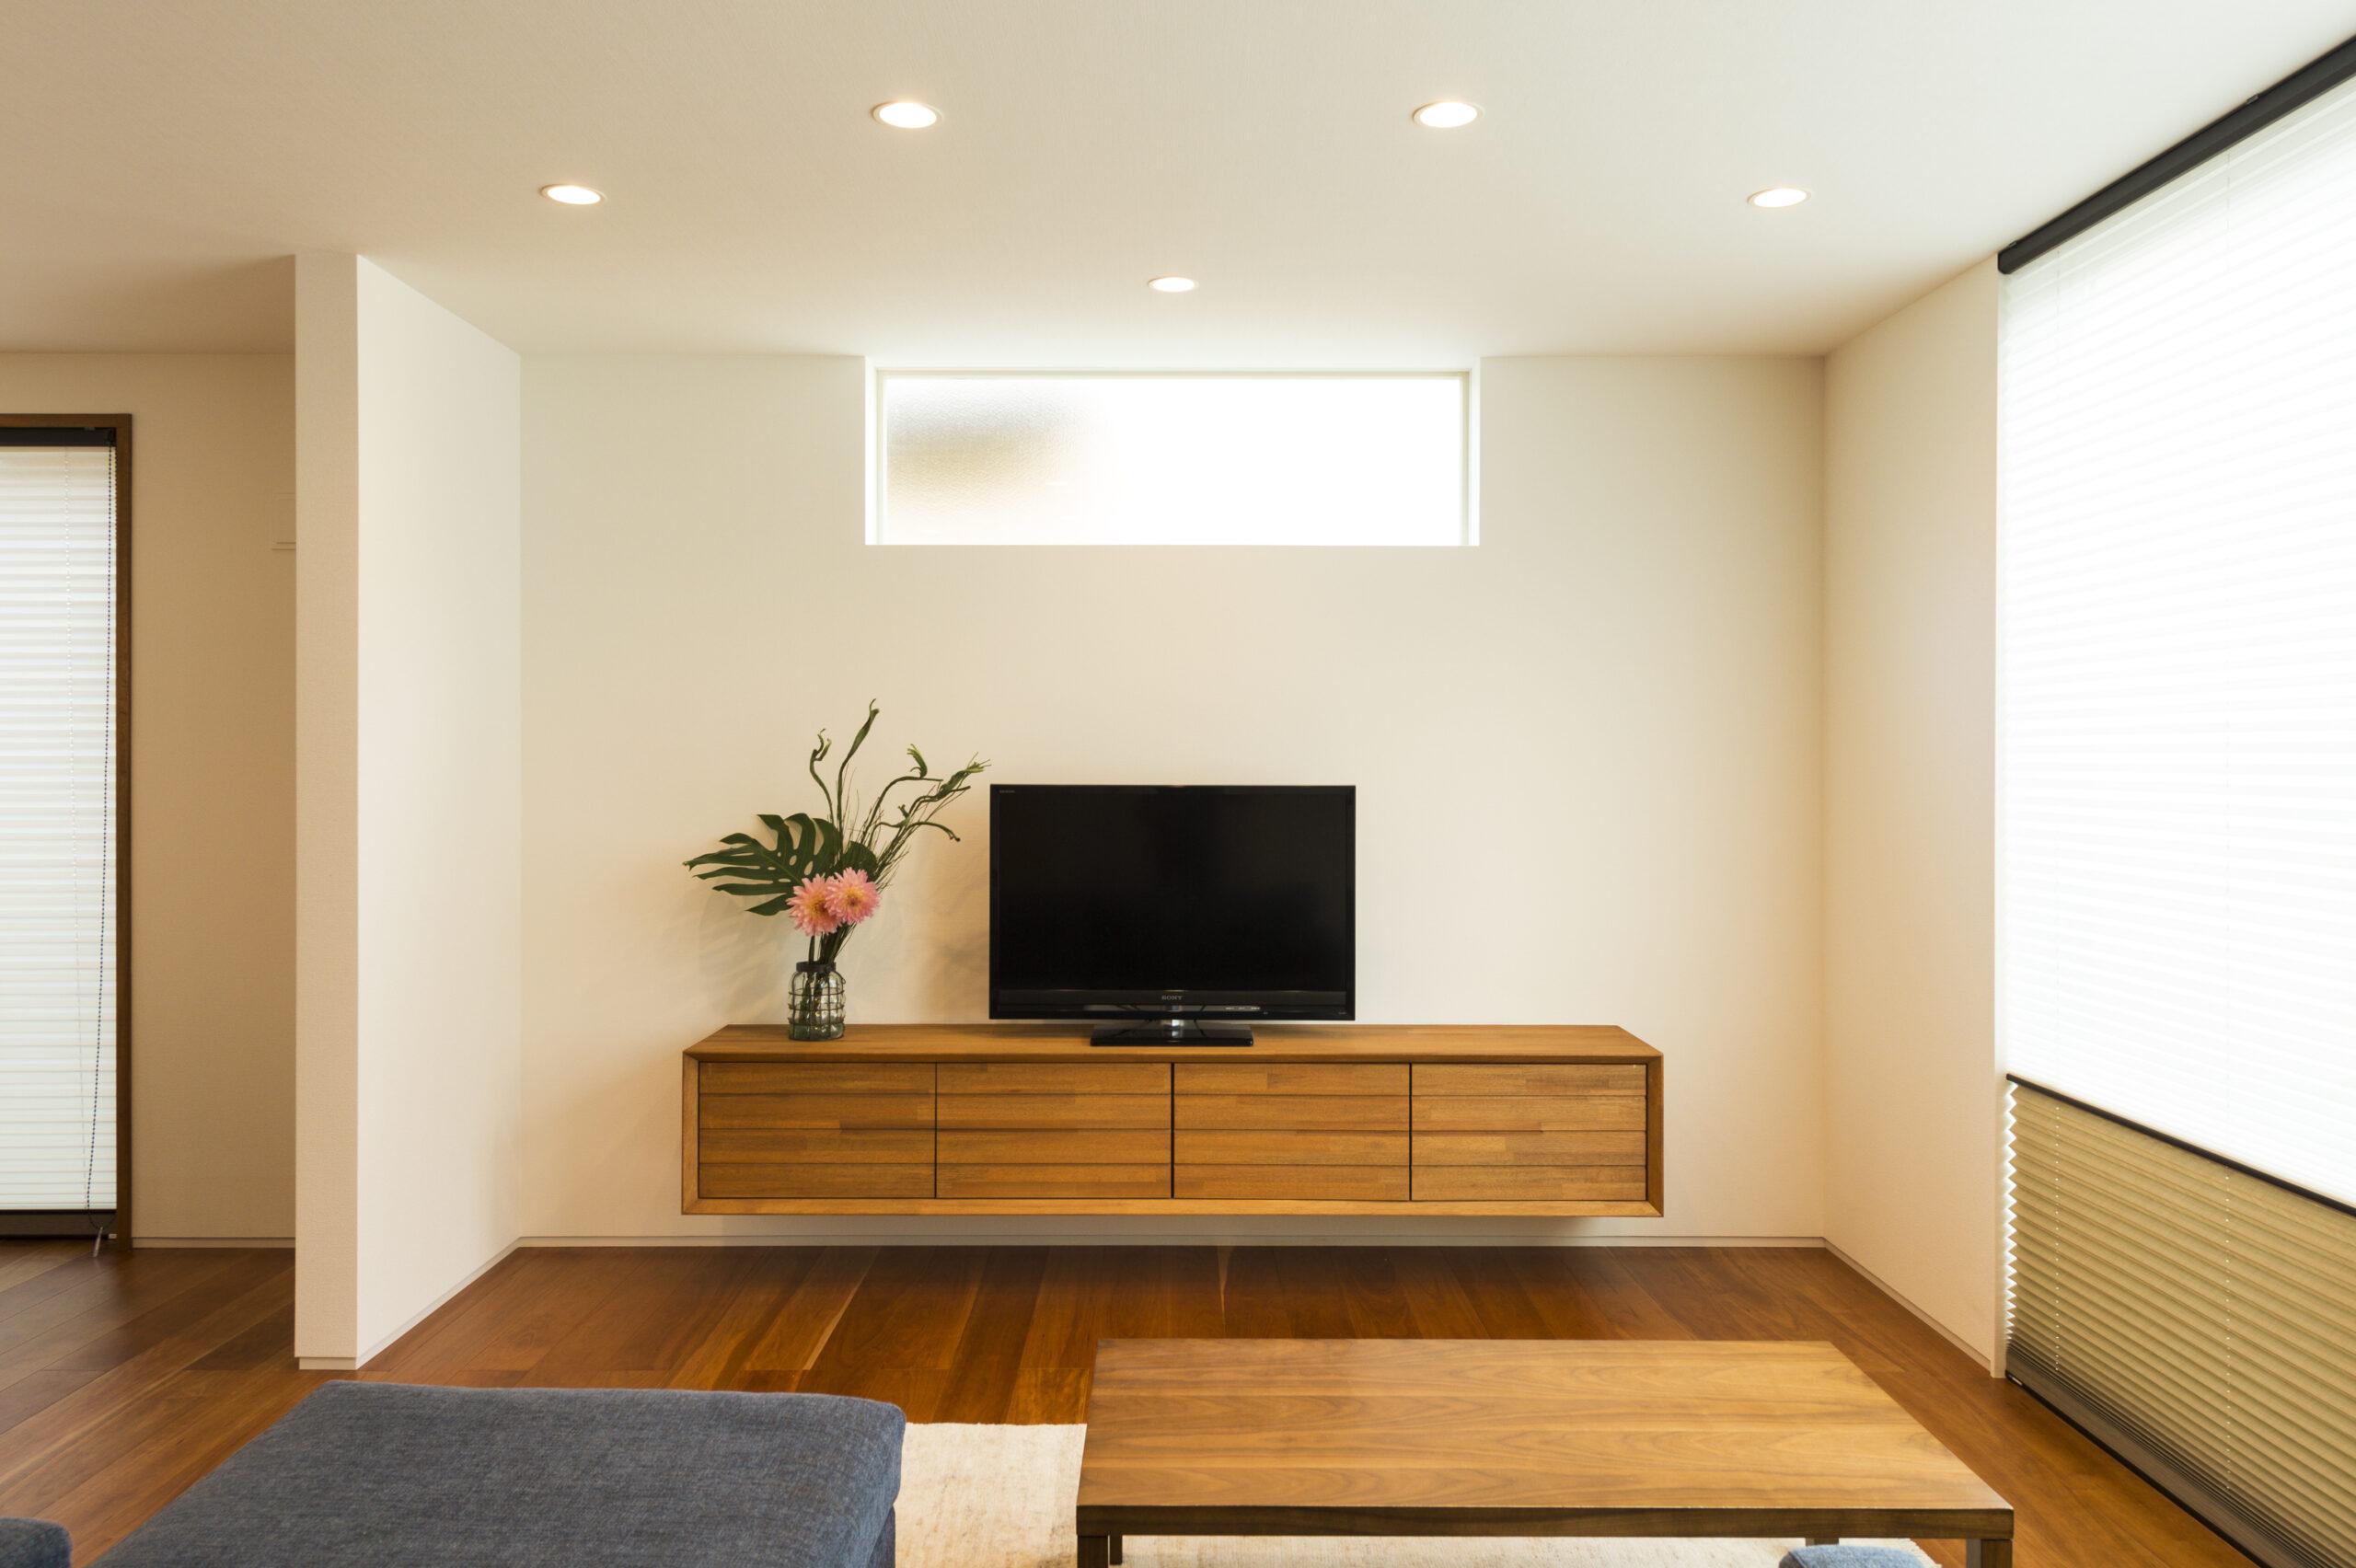 ゆとりと機能美を追求した寄棟屋根の家